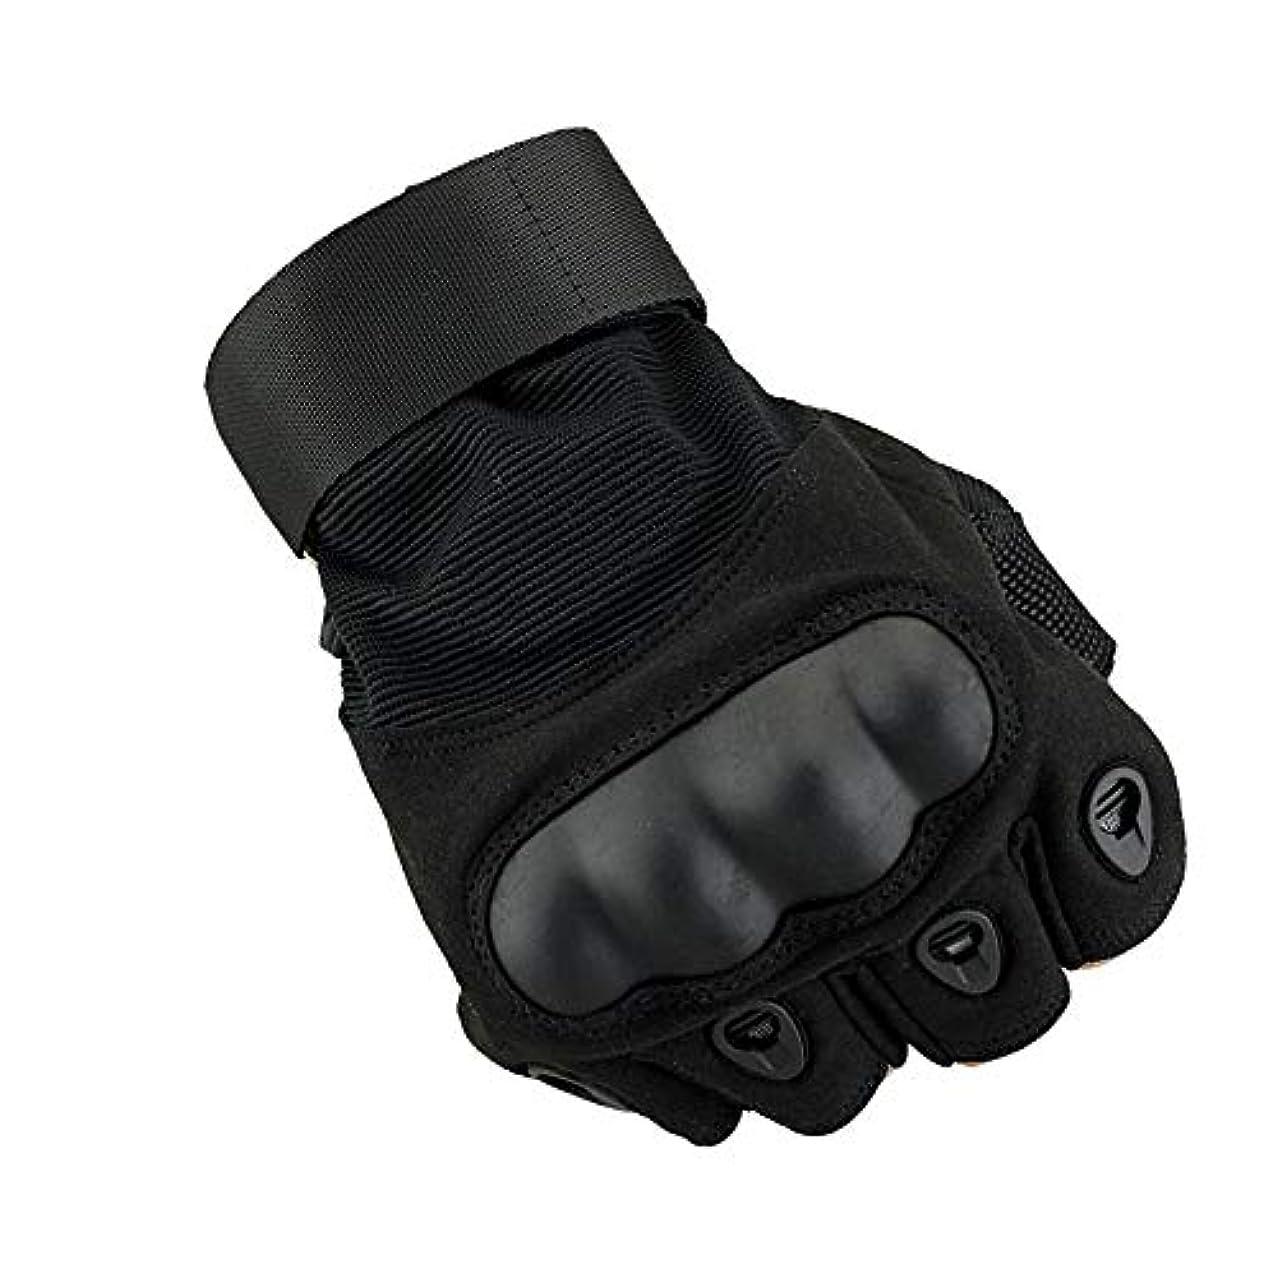 電話リビングルームせっかち神馬 サイクルグローブ サイクリング グローブ 自転車 手袋 衝撃吸収パット 手袋 滑り止め手袋 耐磨耗性 通気性 83D立体 耐磨耗性 換気性 メンズ レディース